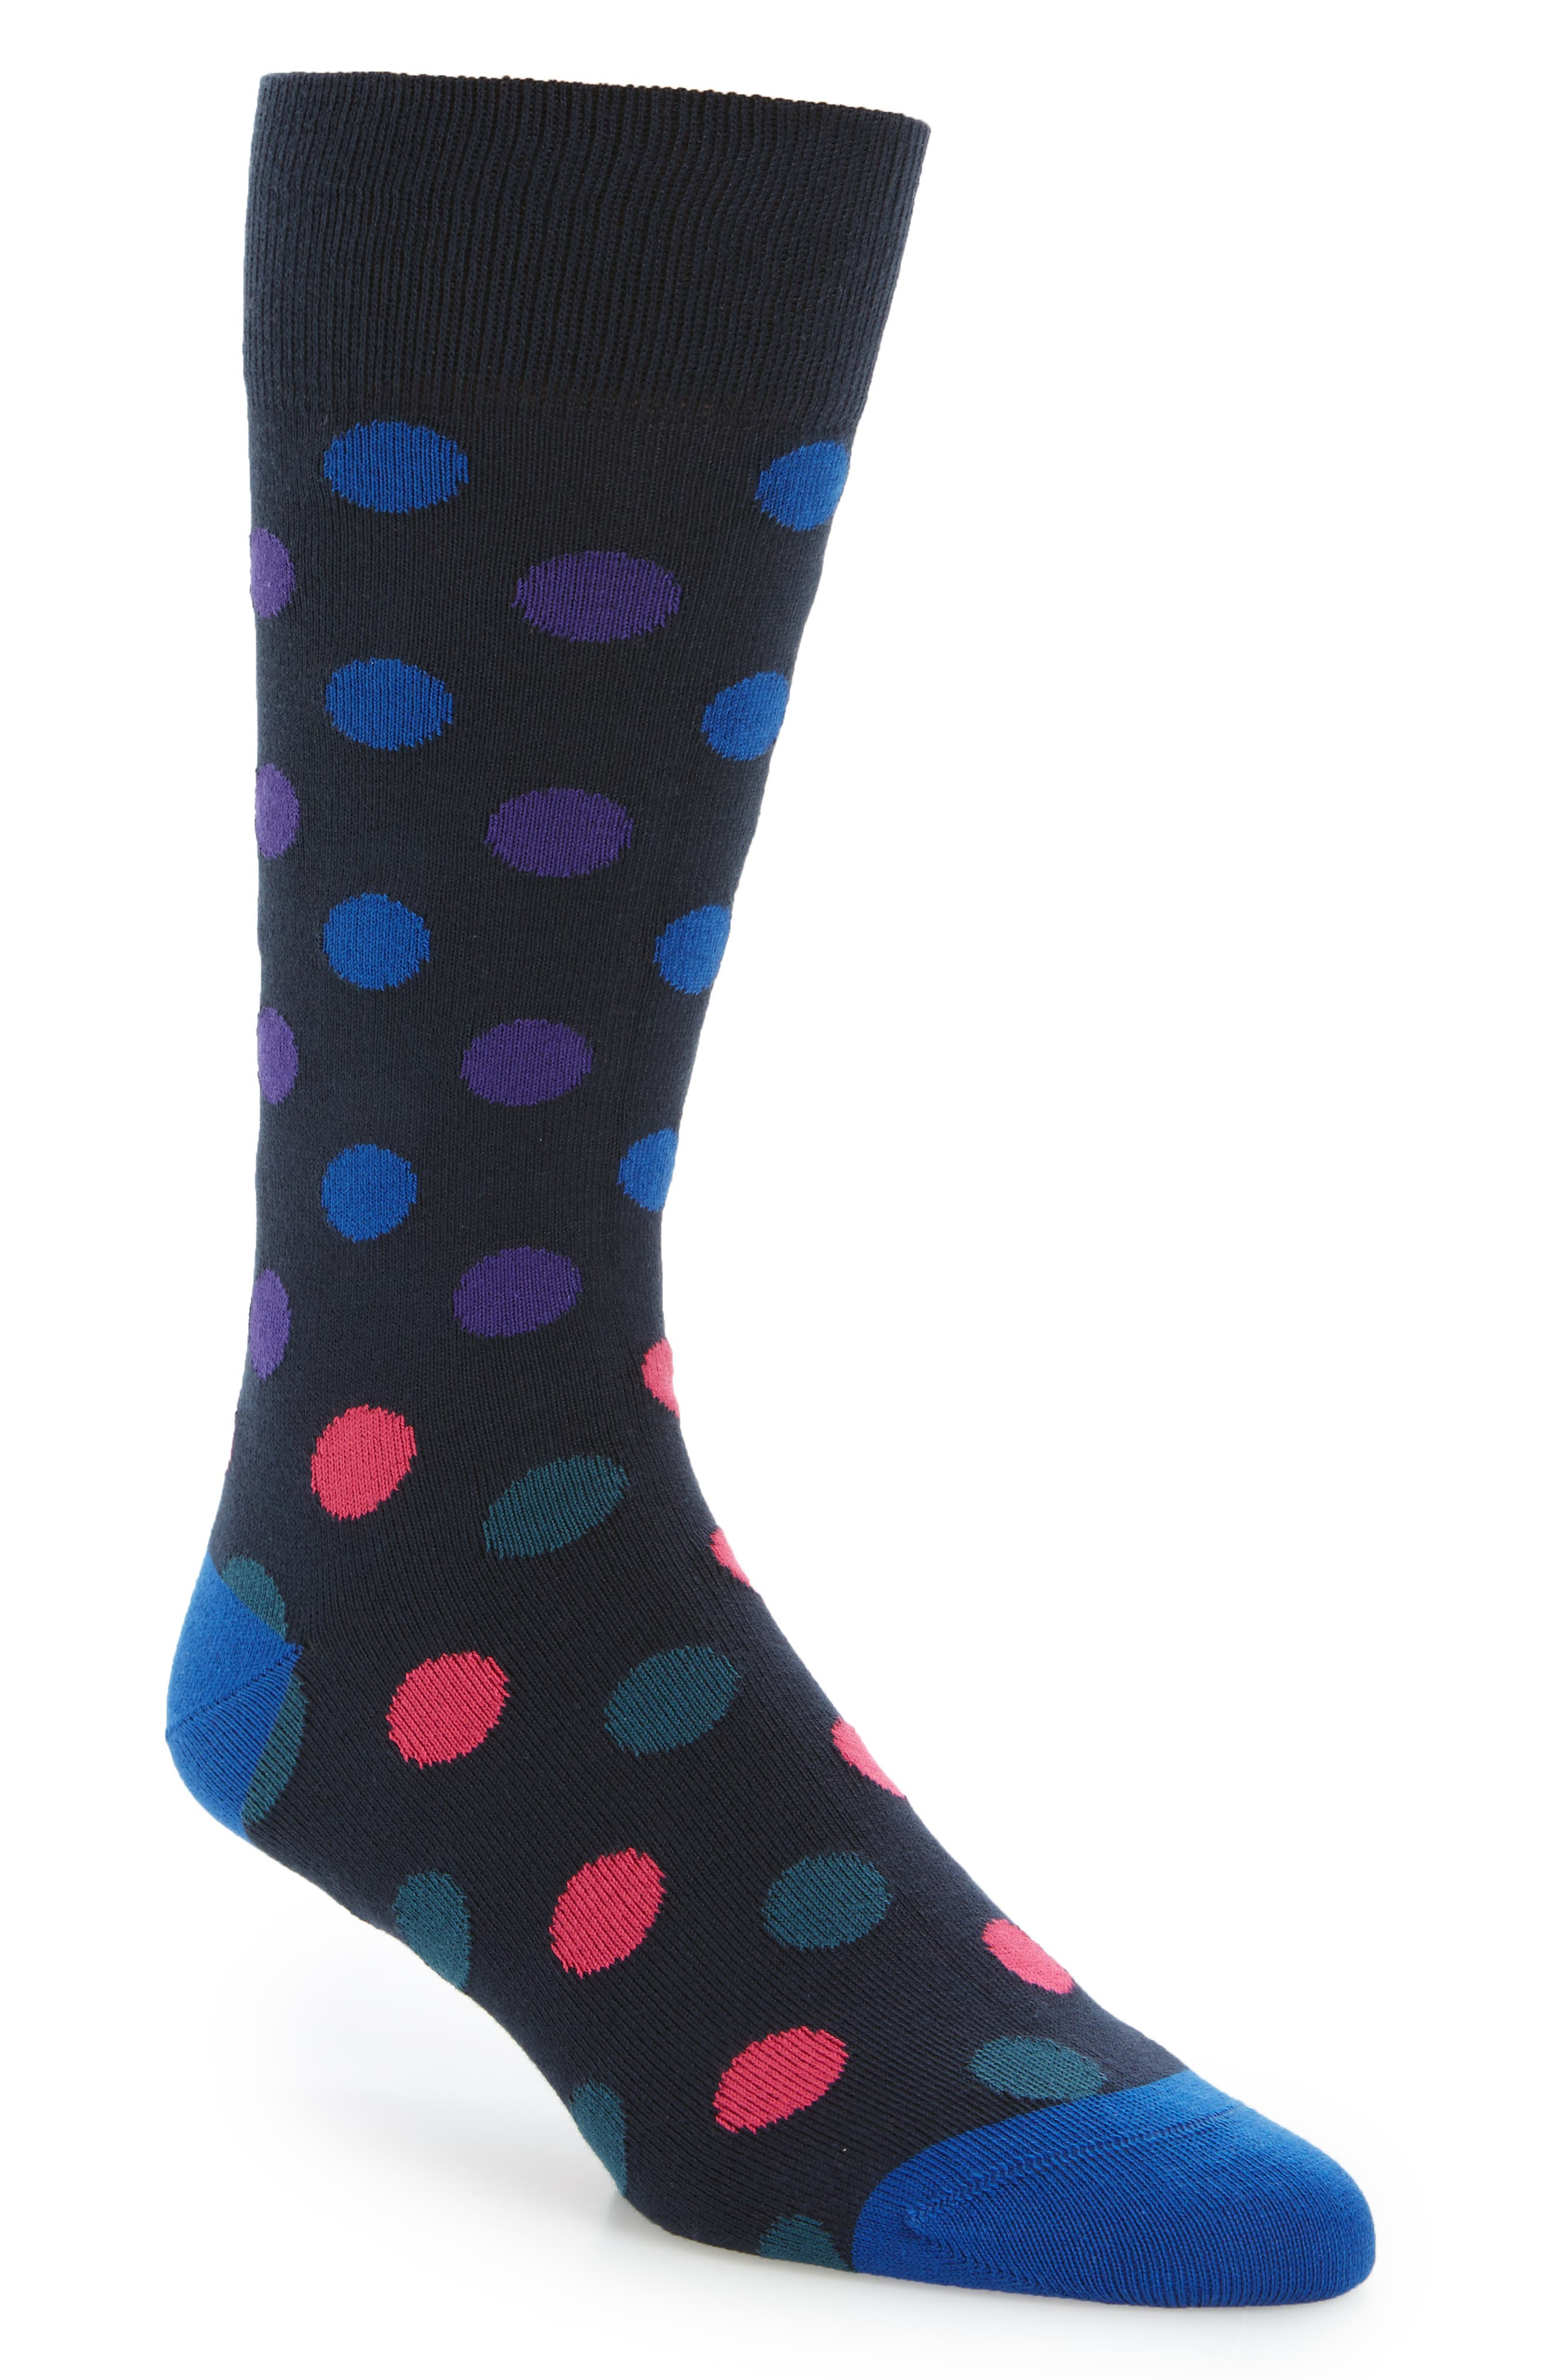 Samic Polka Dot Socks,                         Main,                         color, 415